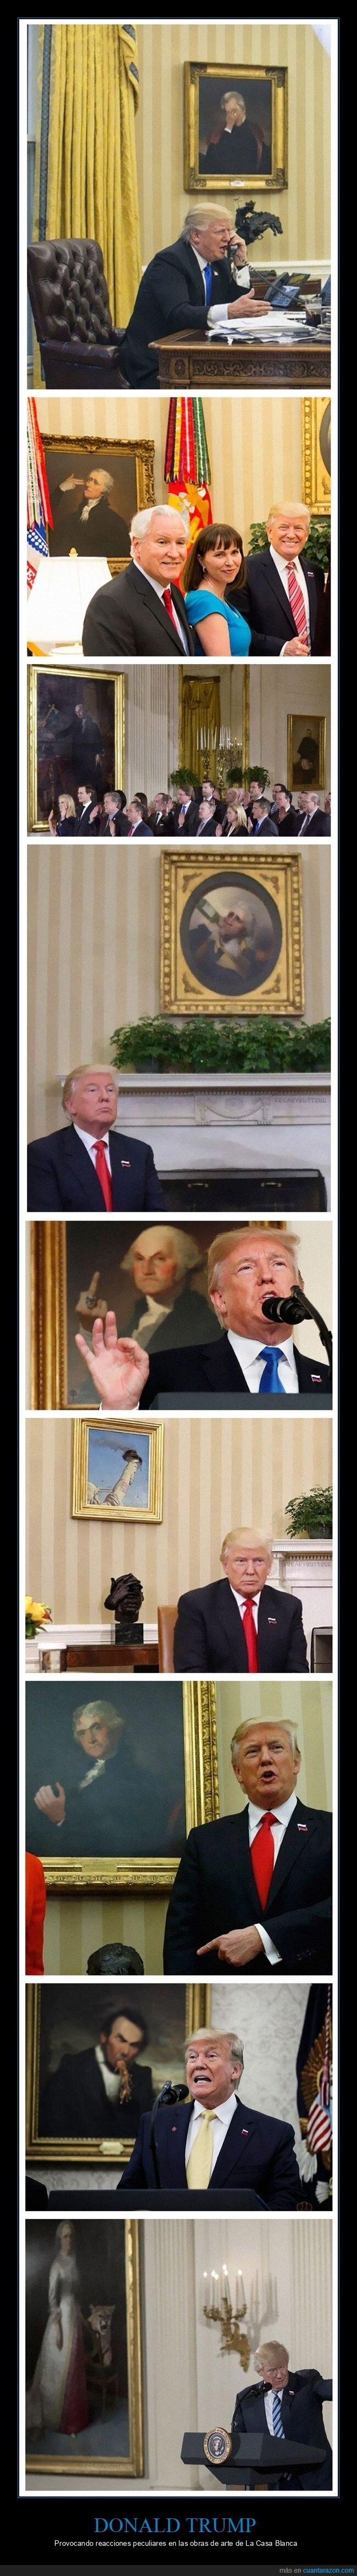 casa blanca,donald trump,obras de arte,políticos,reacciones